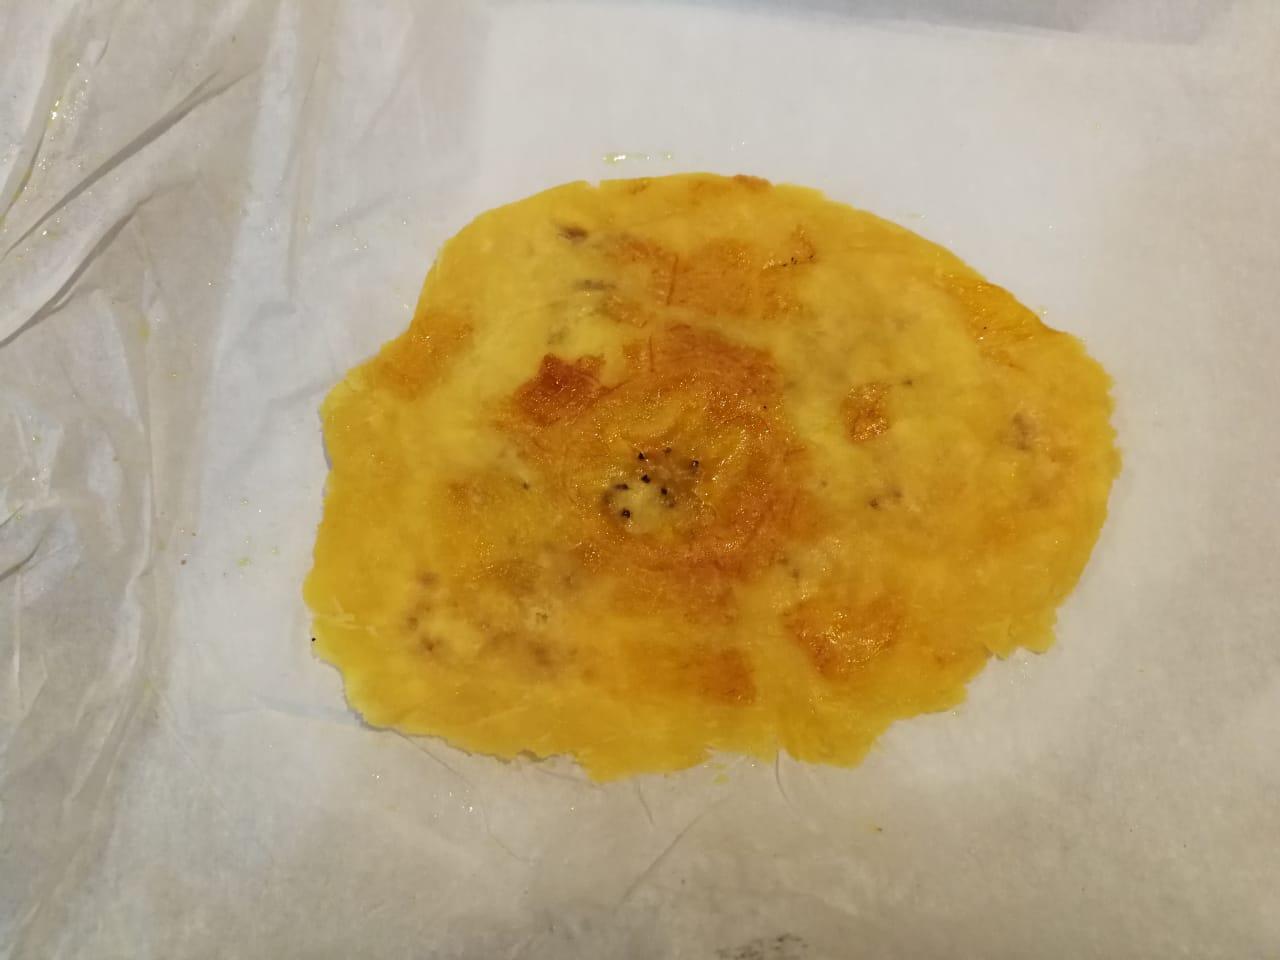 Aplastado con prensa de tortillas